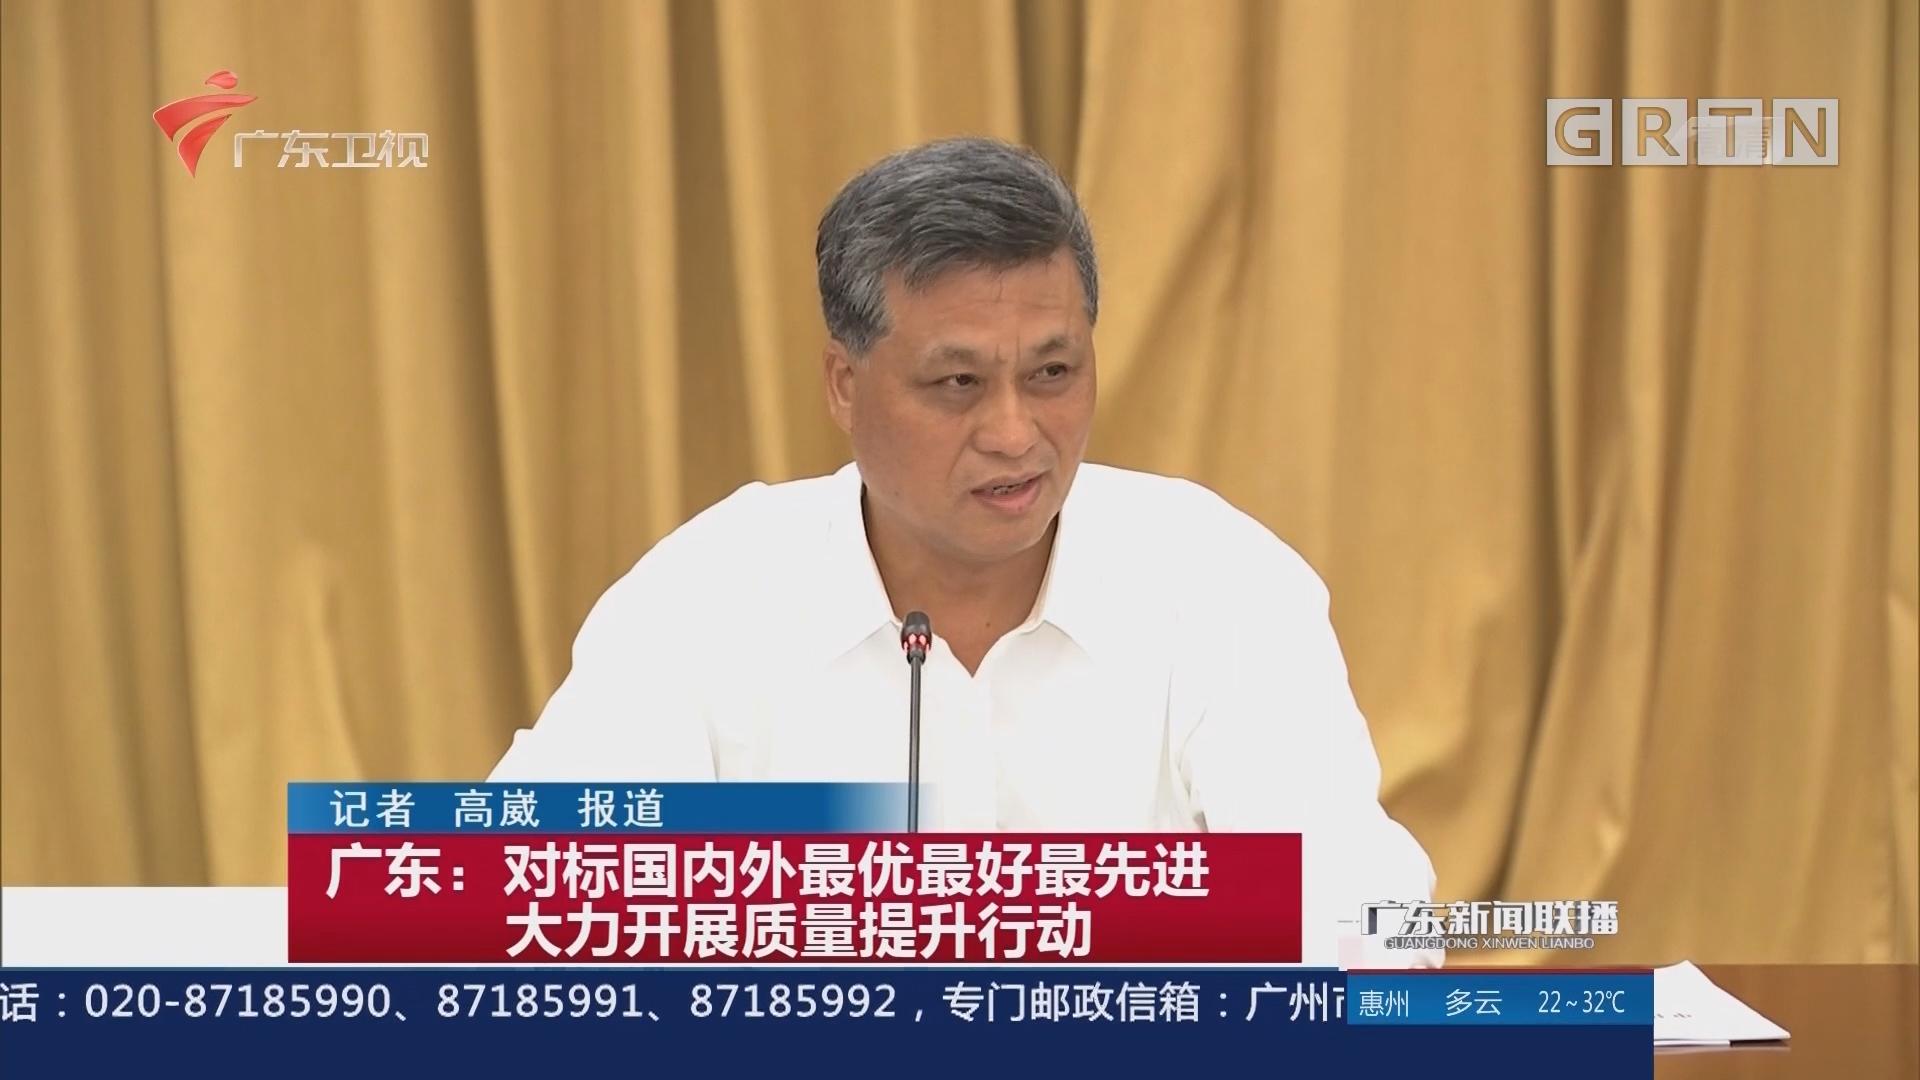 广东:对标国内外最优最好最先进 大力开展质量提升行动